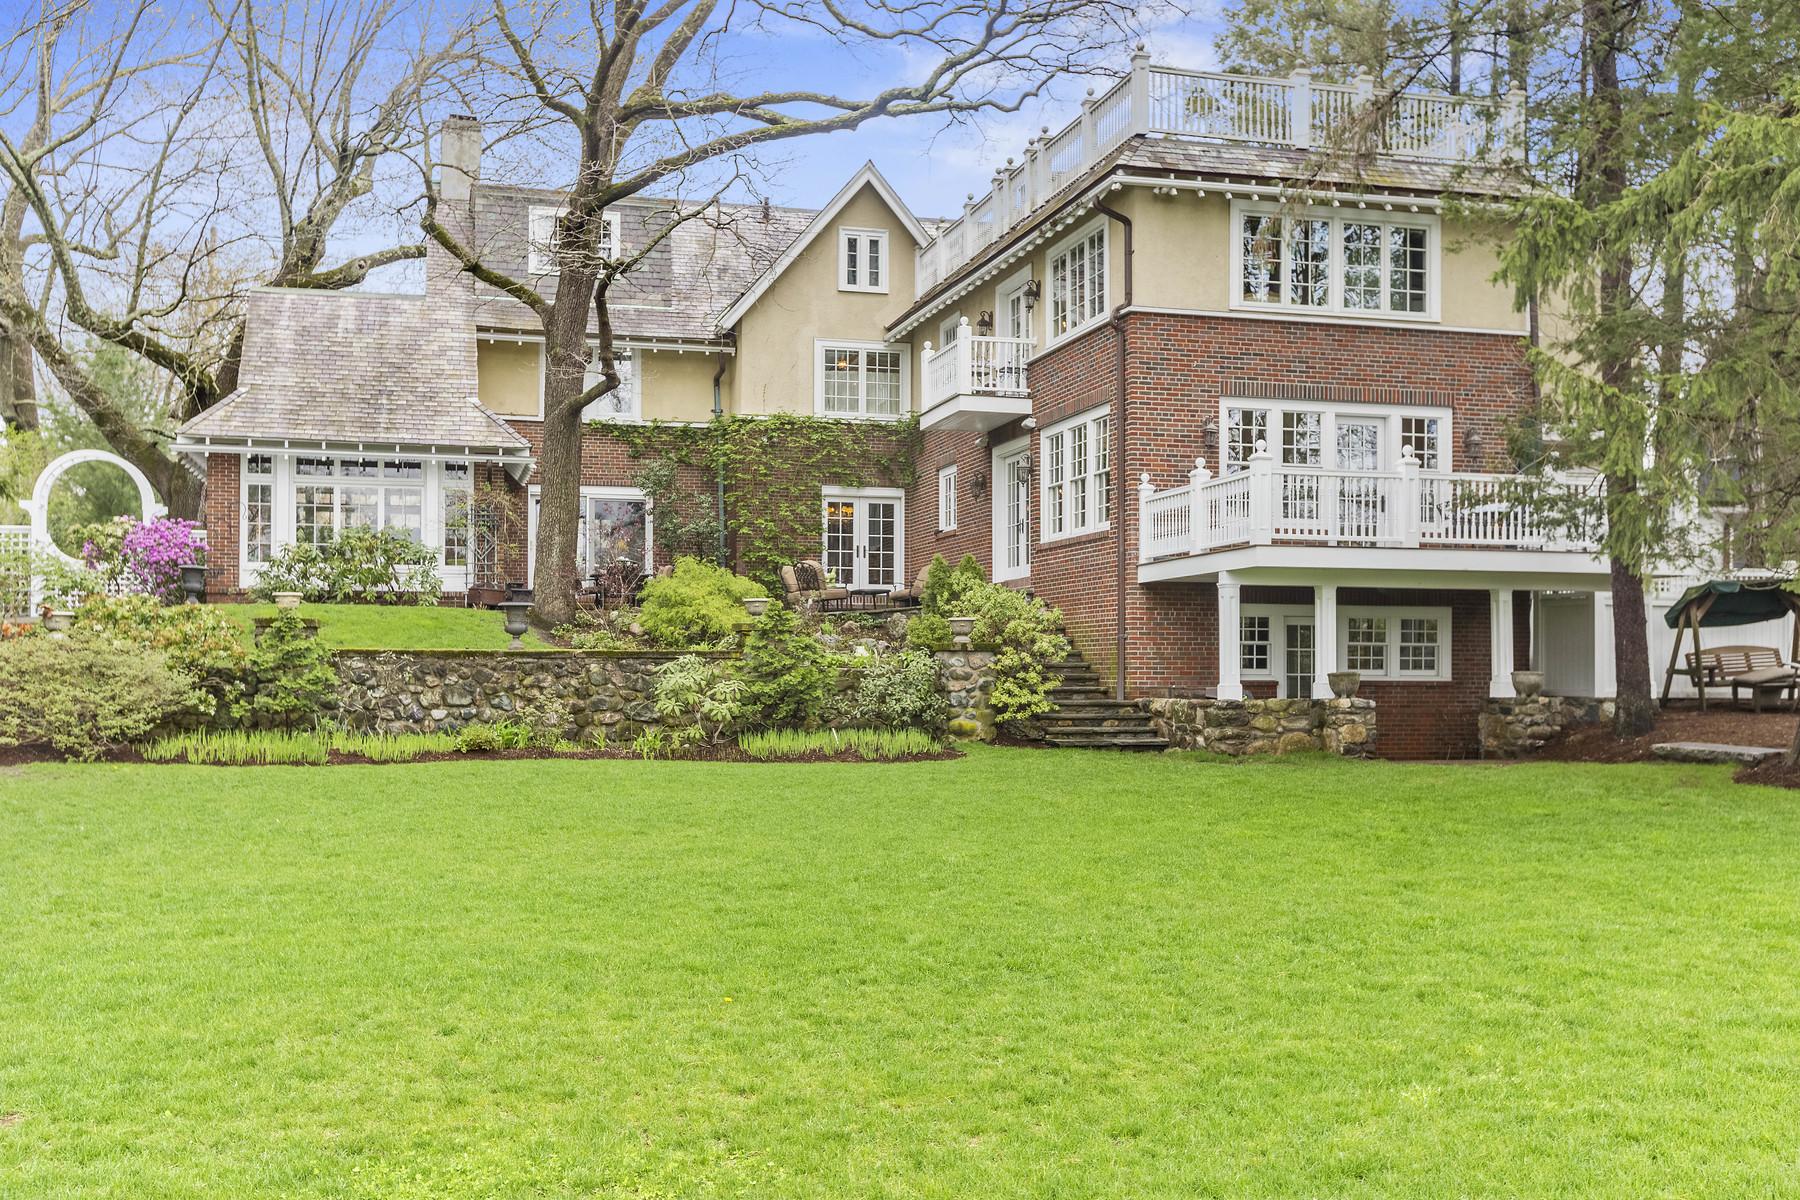 獨棟家庭住宅 為 出售 在 115 Aspen Ave. Newton, 麻塞諸塞州, 02466 美國